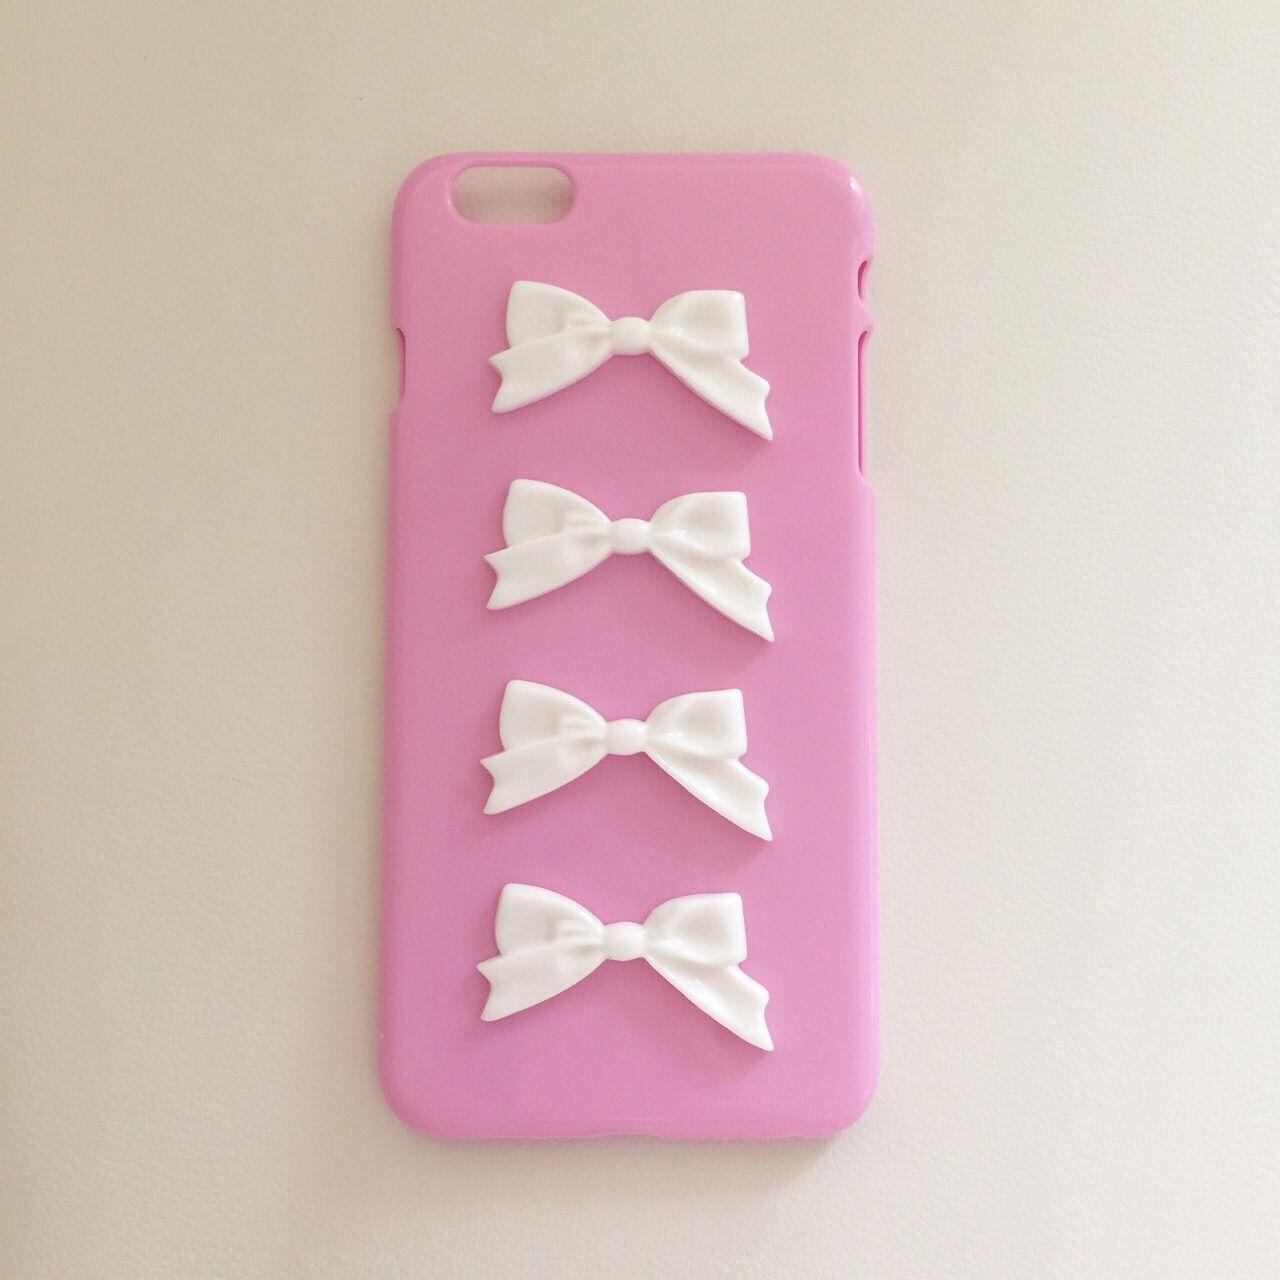 エレガントリボンiPhoneケース(for iphone6プラス)